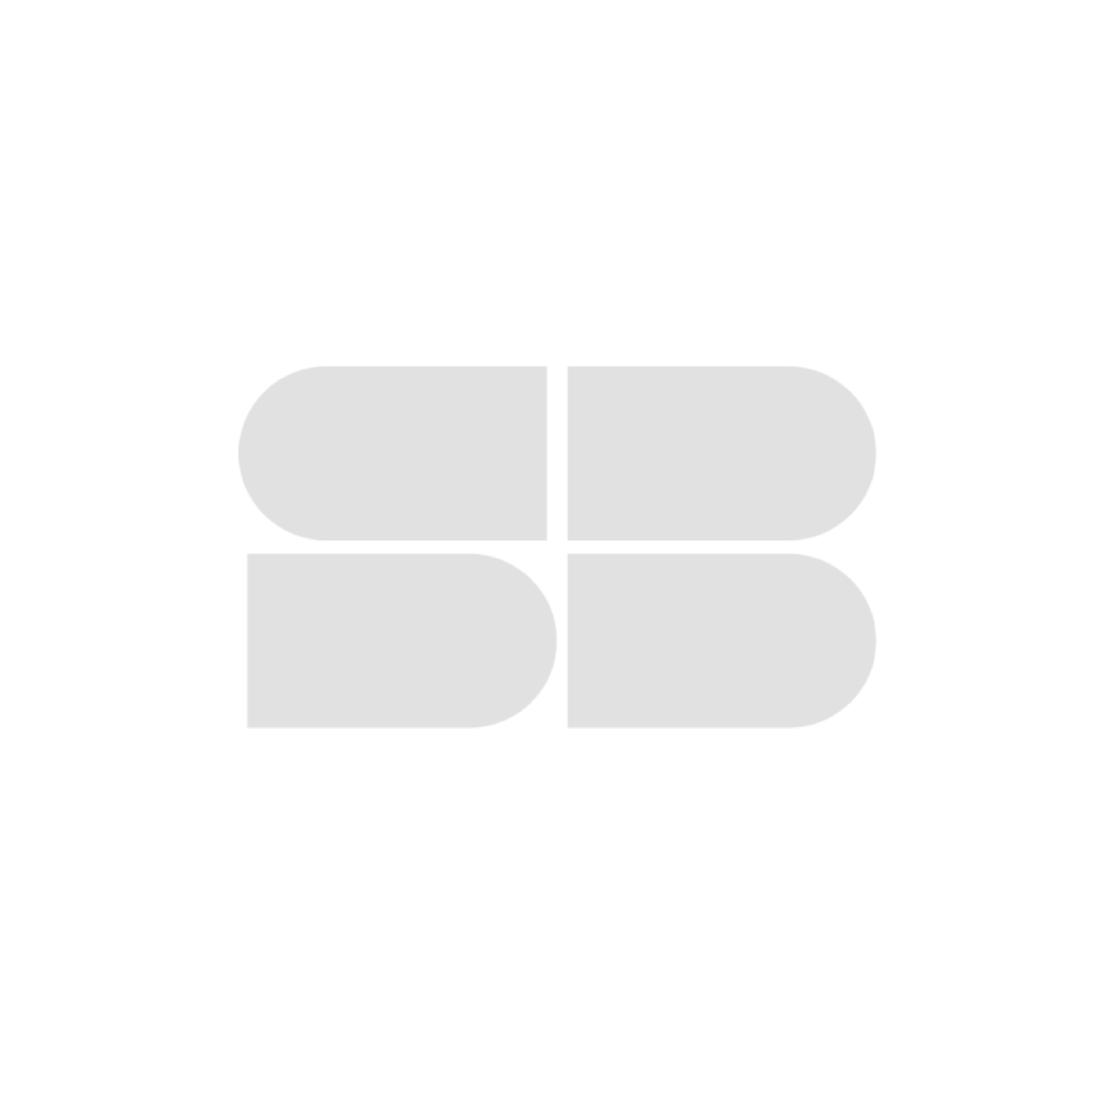 39014152-mattress-bedding-pillows-bed-pillows-31